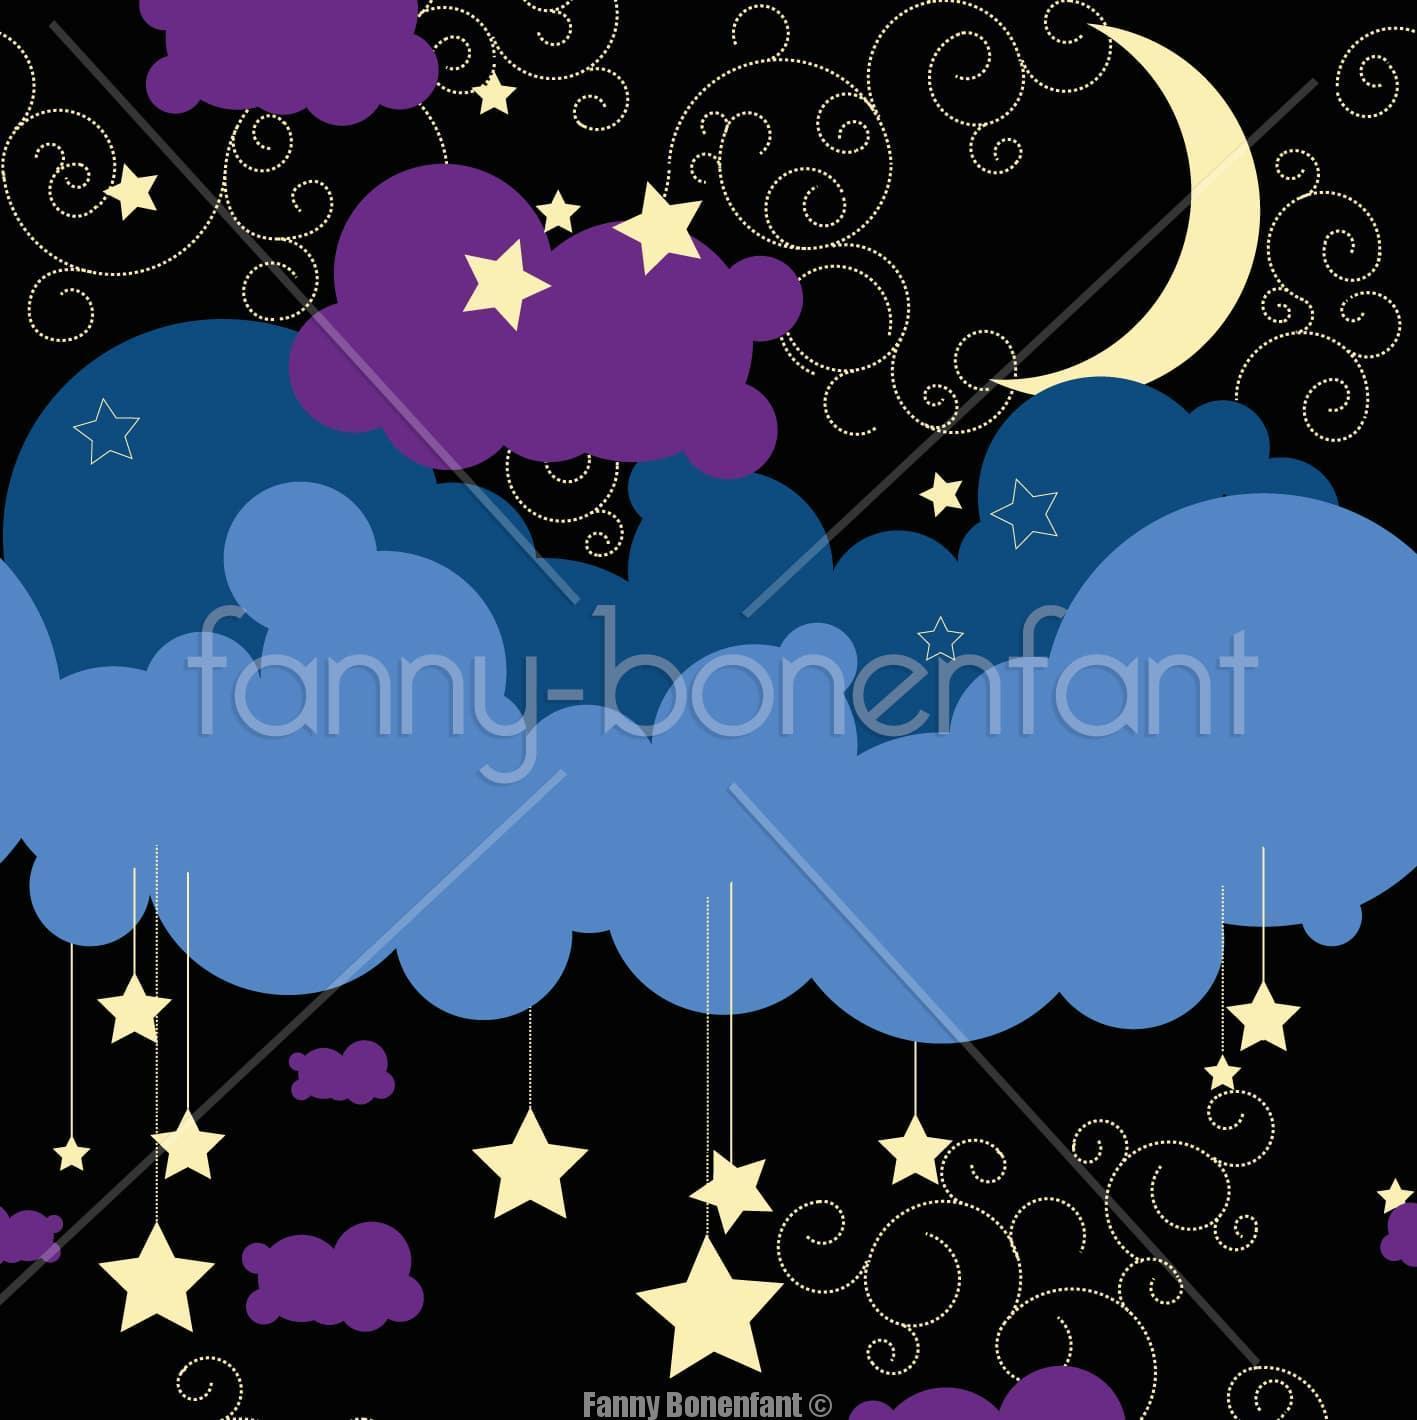 Un motif pour aider à s'endormir : A little bedtime